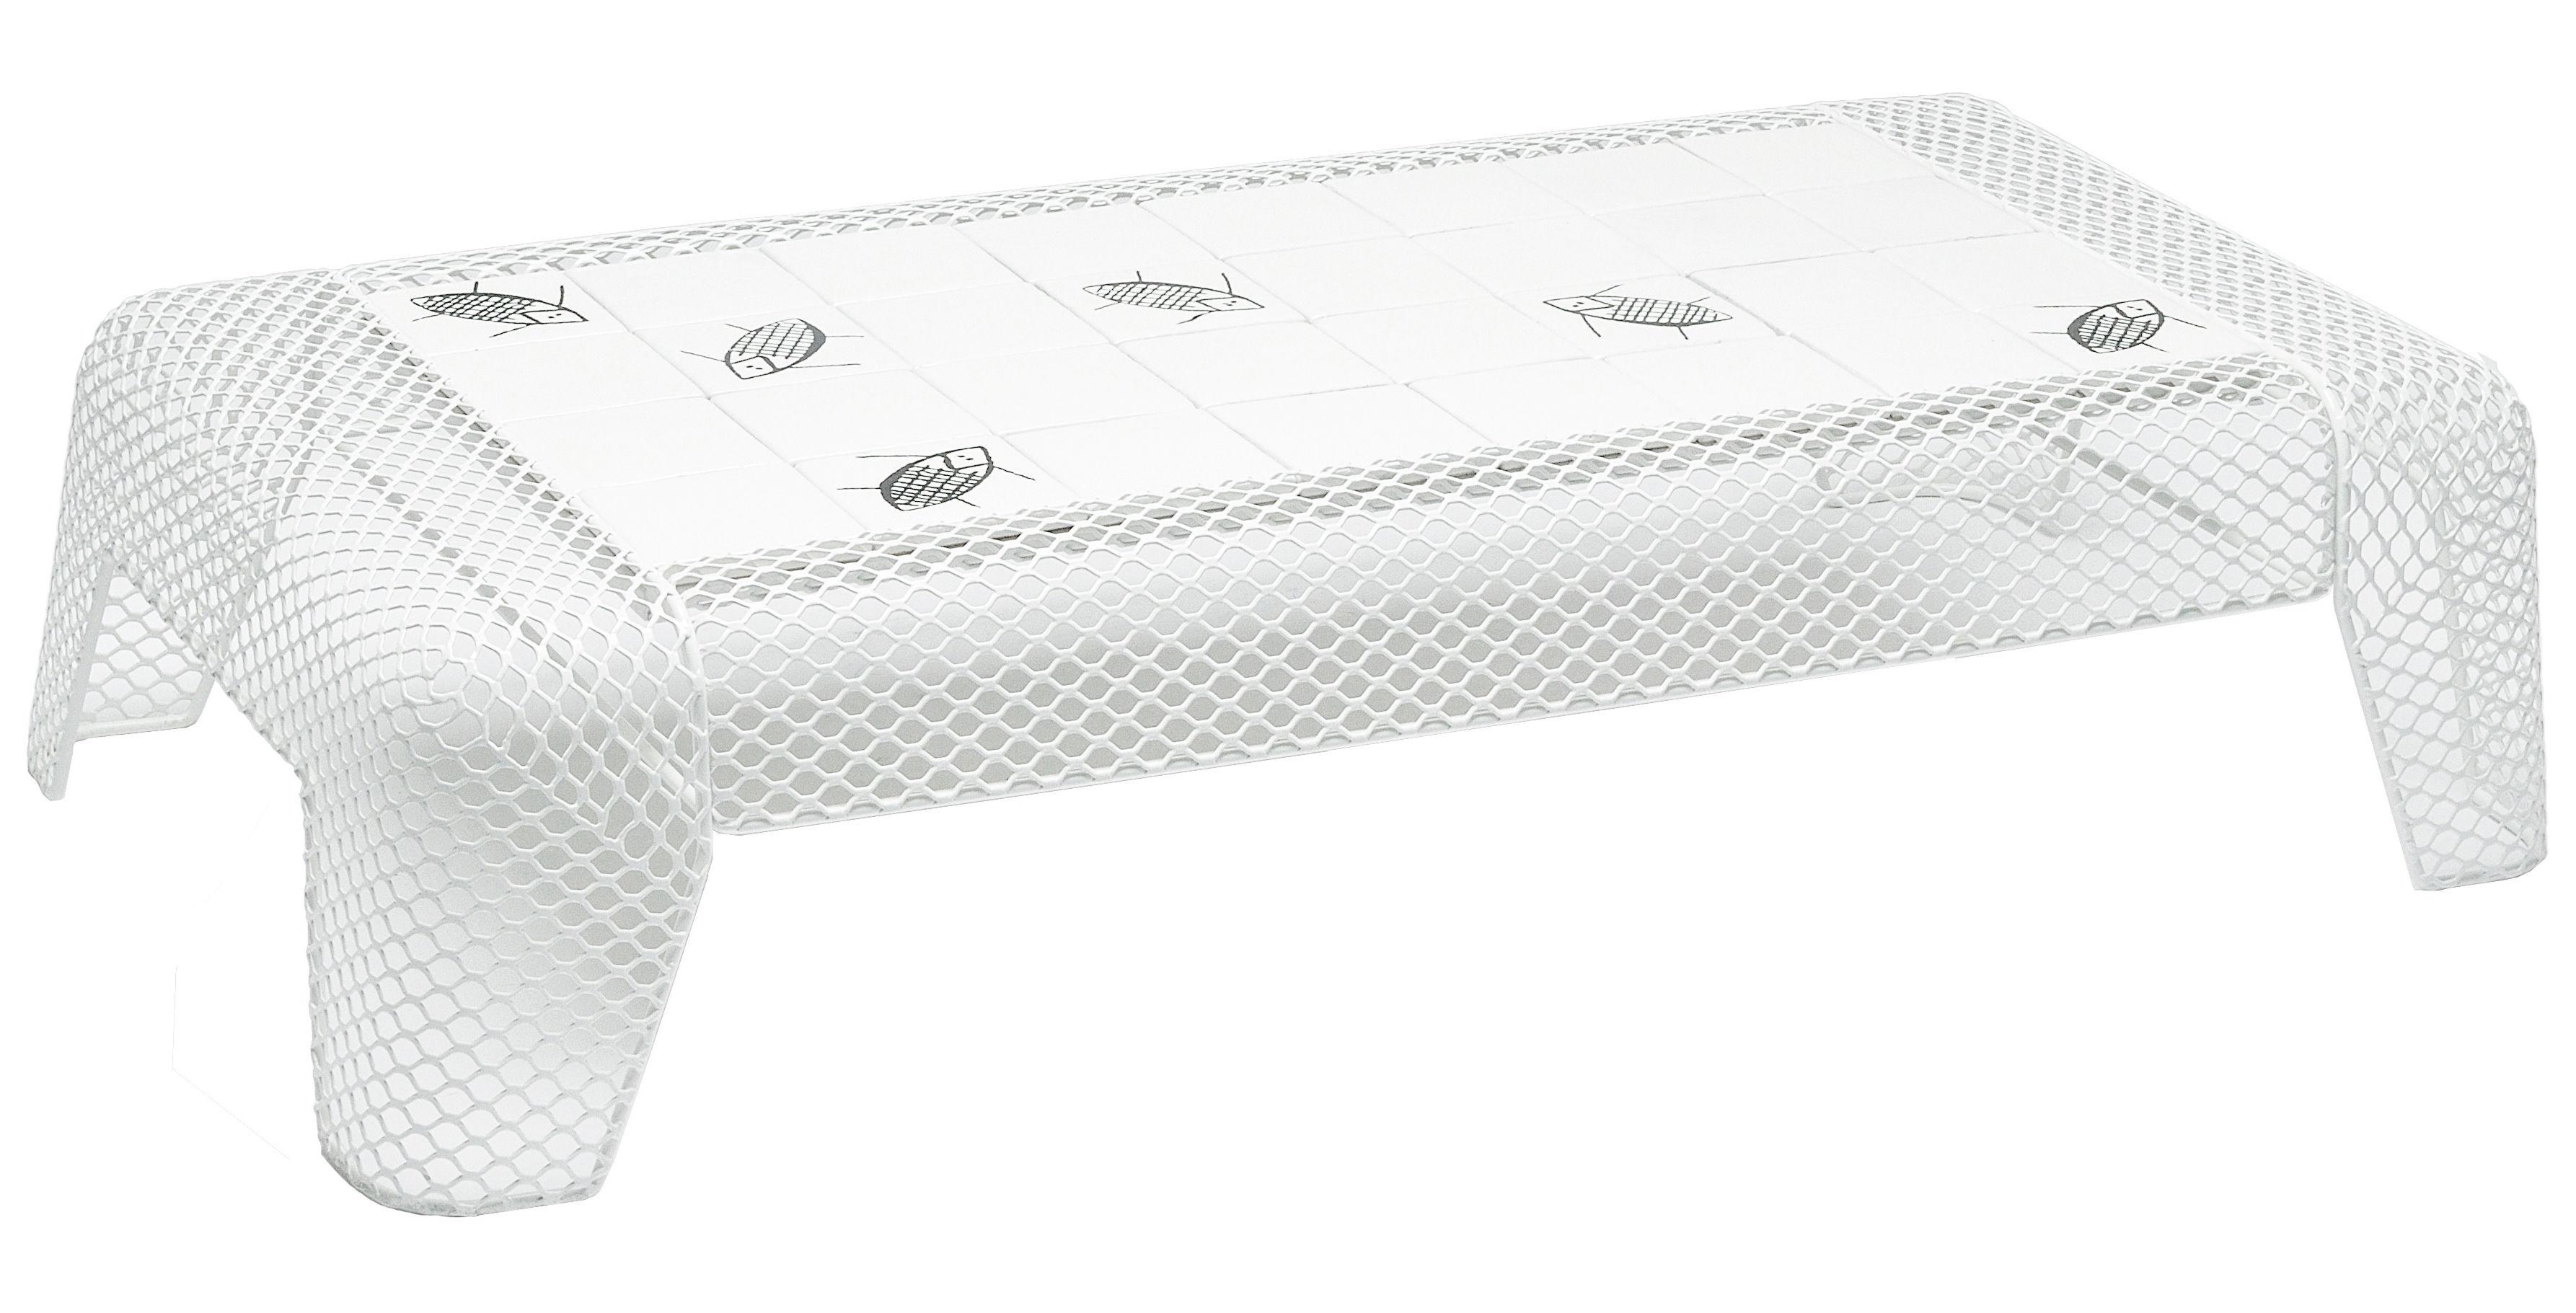 Mobilier - Tables basses - Table basse Ivy céramique motif Insecte - Emu - Blanc / Plateau : carreaux blancs avec motifs Insecte - Acier, Terre cuite émaillée